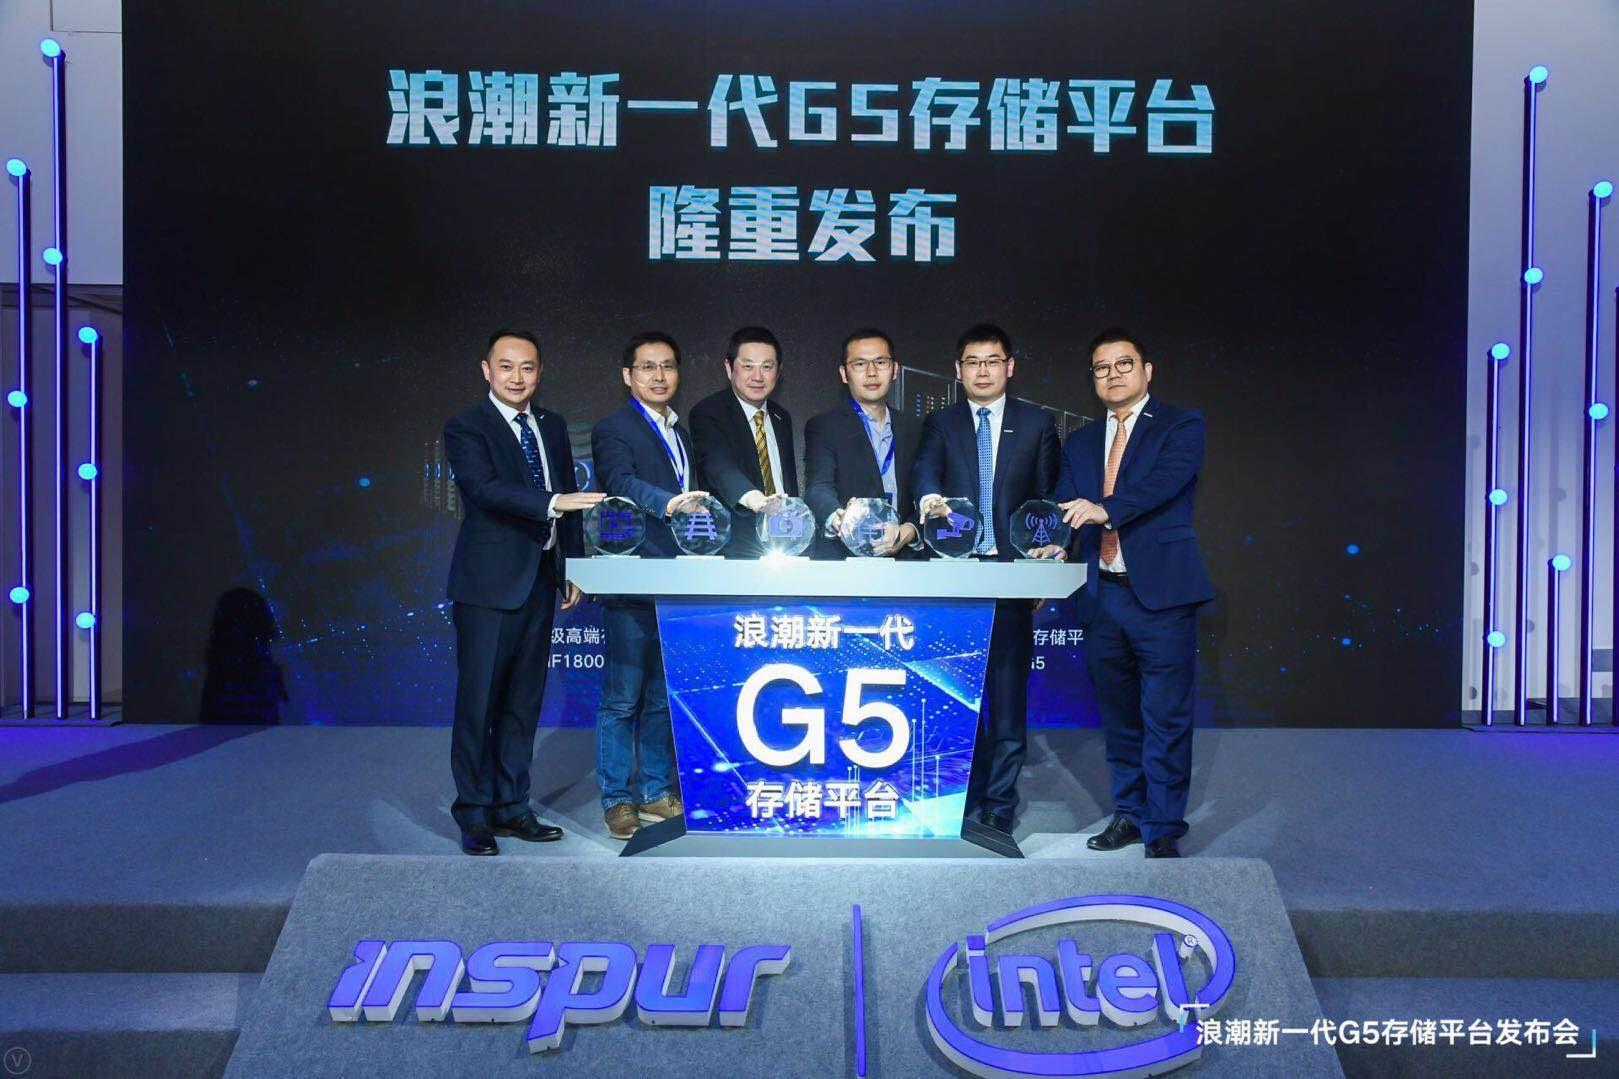 浪潮发布新一代G5存储 提出运筹新数据存储理念